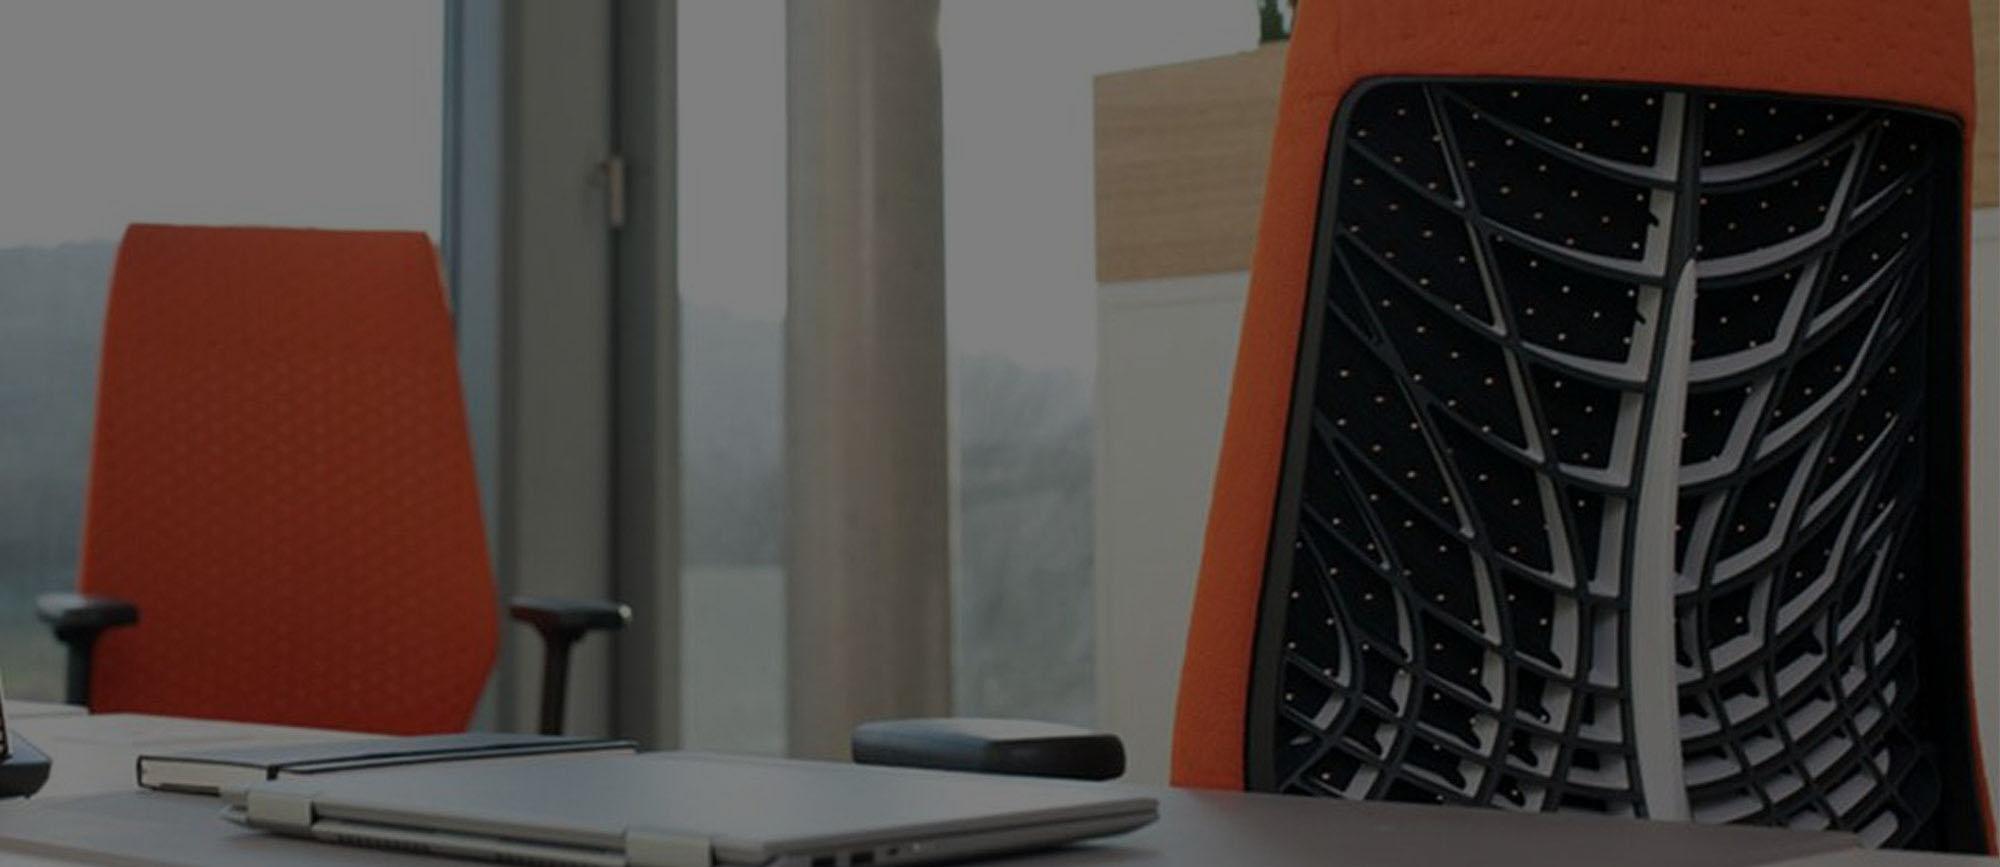 Interstuhl Joyce office chair range